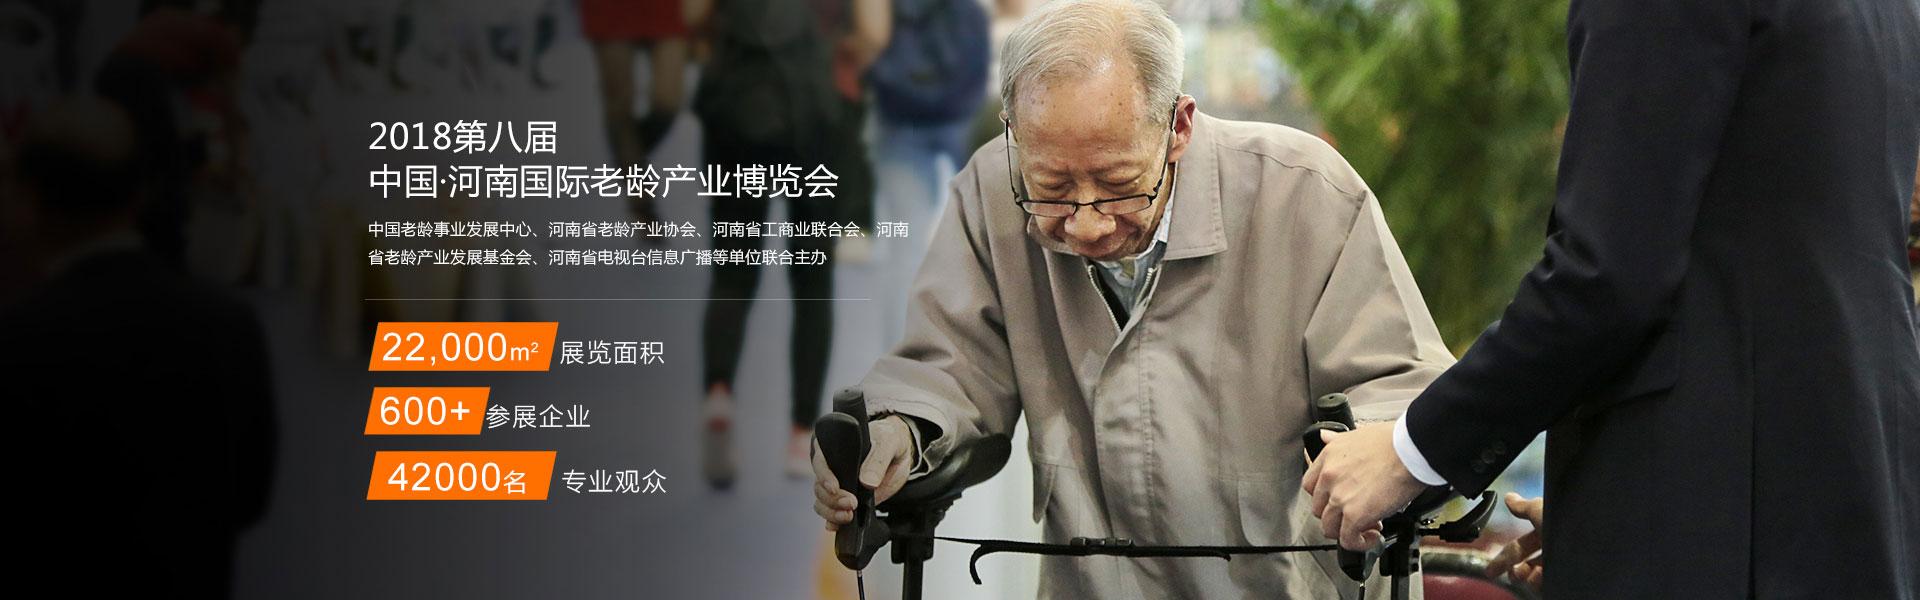 2018第八屆中國·河南國際老齡產業博覽會